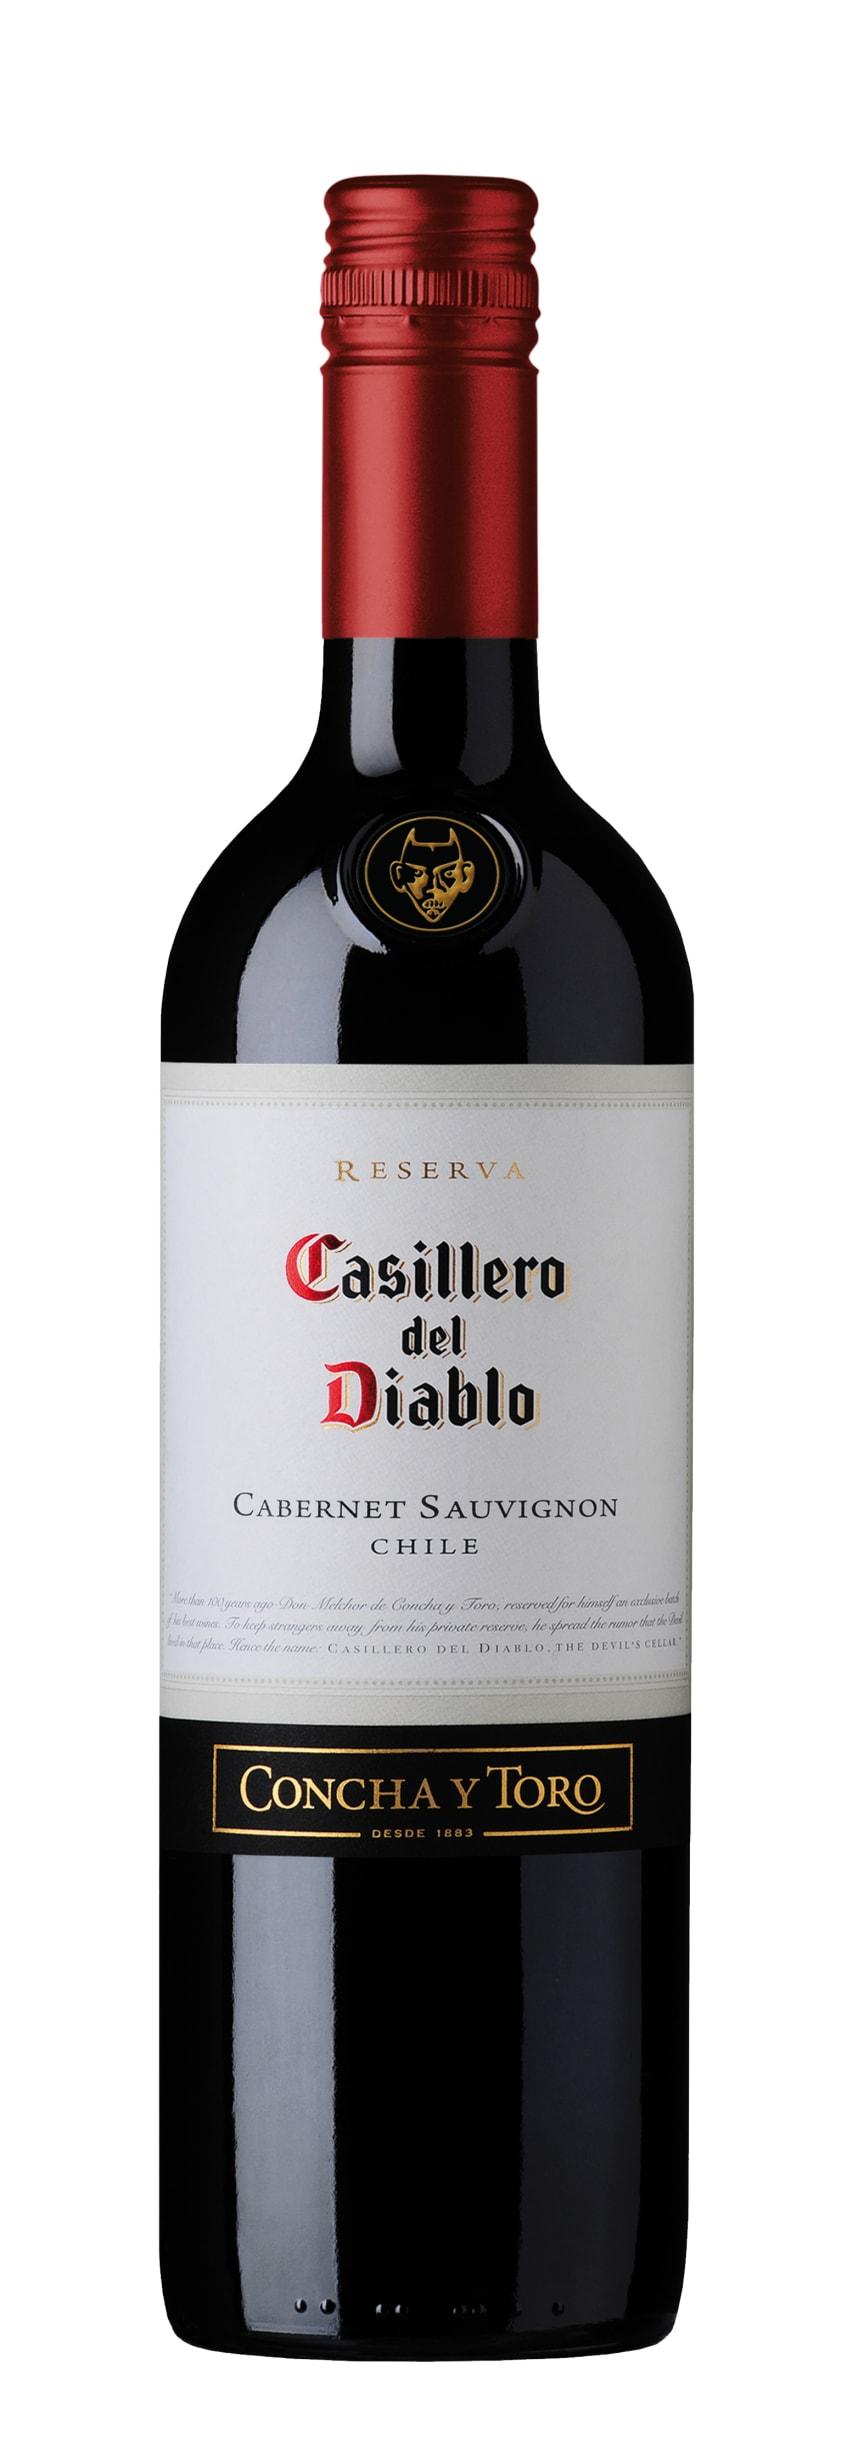 Casillero del Diablo Cabernet Sauvignon (art.nr 2962)